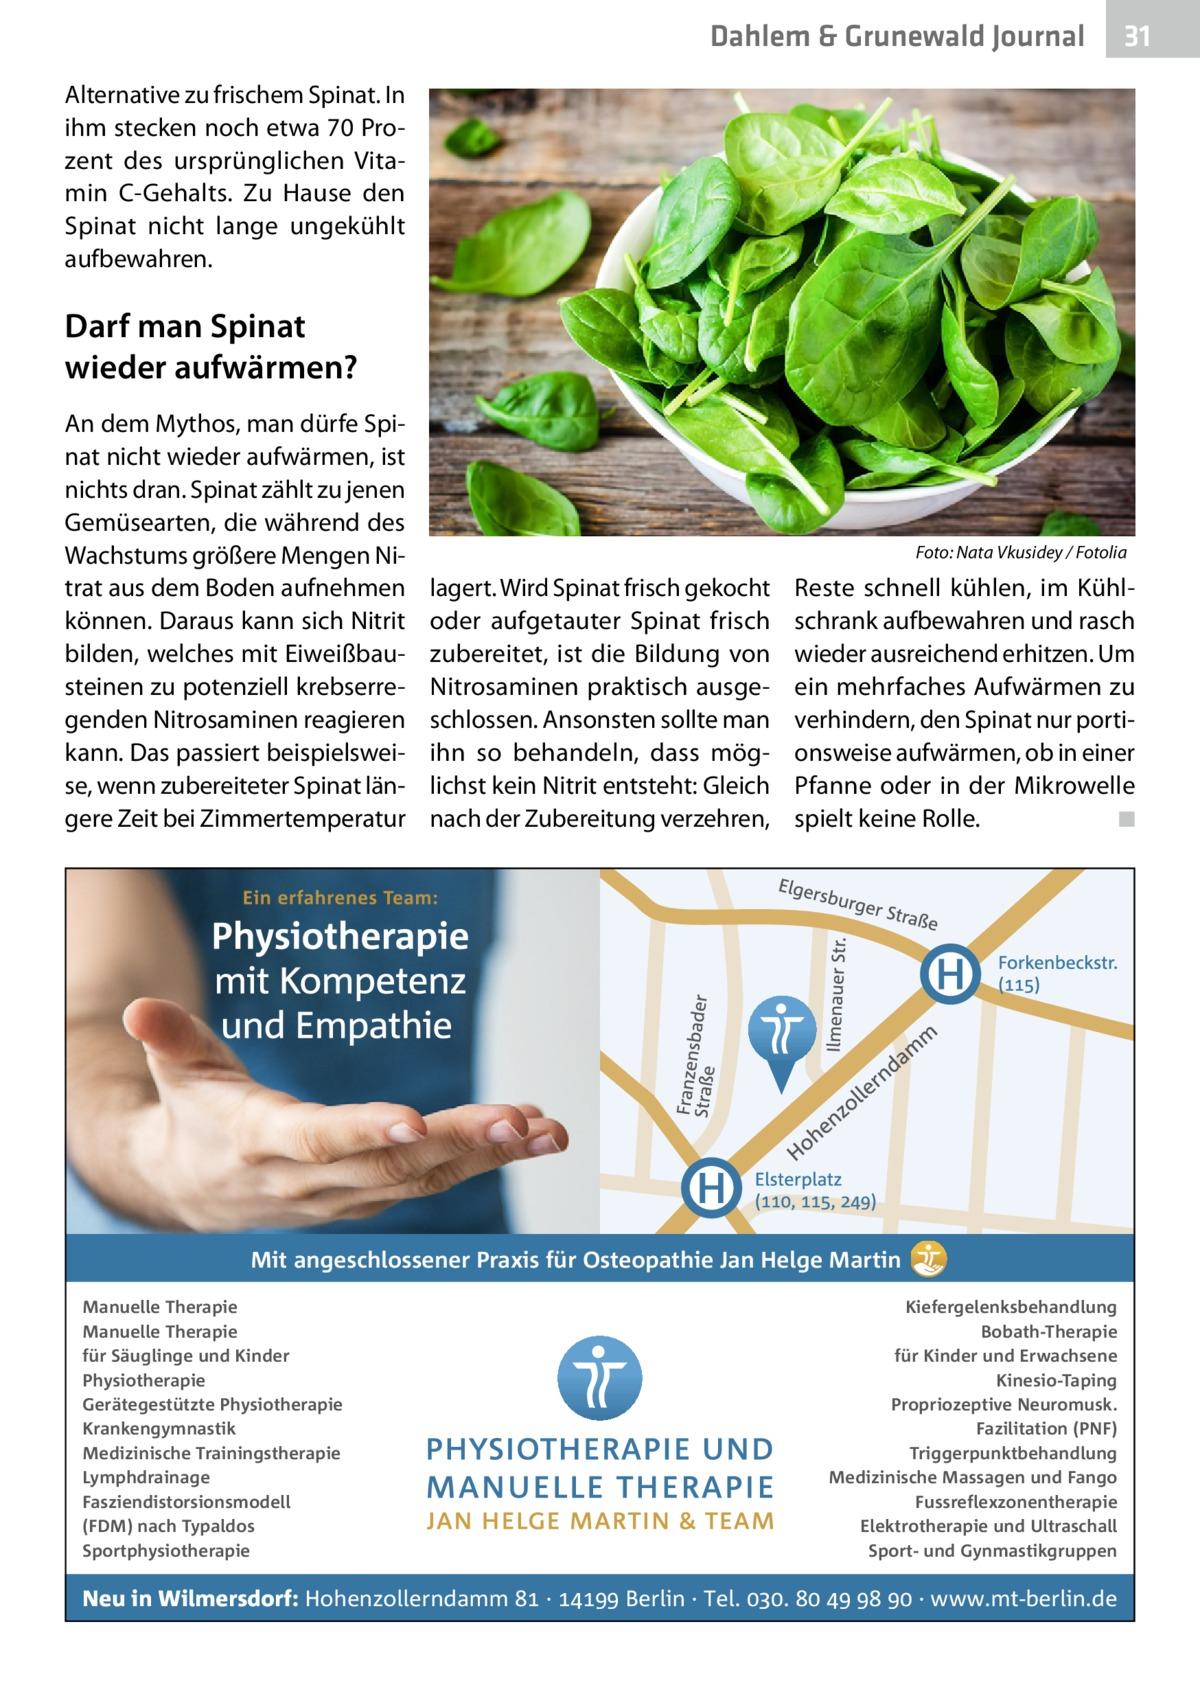 Dahlem & Grunewald Journal  31 31  Alternative zu frischem Spinat. In ihm stecken noch etwa 70Prozent des ursprünglichen Vitamin C-Gehalts. Zu Hause den Spinat nicht lange ungekühlt aufbewahren.  Darf man Spinat wieder aufwärmen? An dem Mythos, man dürfe Spinat nicht wieder aufwärmen, ist nichts dran. Spinat zählt zu jenen Gemüsearten, die während des Wachstums größere Mengen Nitrat aus dem Boden aufnehmen können. Daraus kann sich Nitrit bilden, welches mit Eiweißbausteinen zu potenziell krebserregenden Nitrosaminen reagieren kann. Das passiert beispielsweise, wenn zubereiteter Spinat längere Zeit bei Zimmertemperatur  �  lagert. Wird Spinat frisch gekocht oder aufgetauter Spinat frisch zubereitet, ist die Bildung von Nitrosaminen praktisch ausgeschlossen. Ansonsten sollte man ihn so behandeln, dass möglichst kein Nitrit entsteht: Gleich nach der Zubereitung verzehren,  Foto: Nata Vkusidey / Fotolia  Reste schnell kühlen, im Kühlschrank aufbewahren und rasch wieder ausreichend erhitzen. Um ein mehrfaches Aufwärmen zu verhindern, den Spinat nur portionsweise aufwärmen, ob in einer Pfanne oder in der Mikrowelle spielt keine Rolle. � ◾  Mit angeschlossener Praxis für Osteopathie Jan Helge Martin Manuelle Therapie Manuelle Therapie für Säuglinge und Kinder Physiotherapie Gerätegestützte Physiotherapie Krankengymnastik Medizinische Trainingstherapie Lymphdrainage Fasziendistorsionsmodell (FDM) nach Typaldos Sportphysiotherapie  Kiefergelenksbehandlung Bobath-Therapie für Kinder und Erwachsene Kinesio-Taping Propriozeptive Neuromusk. Fazilitation (PNF) Triggerpunktbehandlung Medizinische Massagen und Fango Fussreflexzonentherapie Elektrotherapie und Ultraschall Sport- und Gynmastikgruppen  Neu in Wilmersdorf: Hohenzollerndamm  ·  Berlin · Tel. .     · www.mt-berlin.de